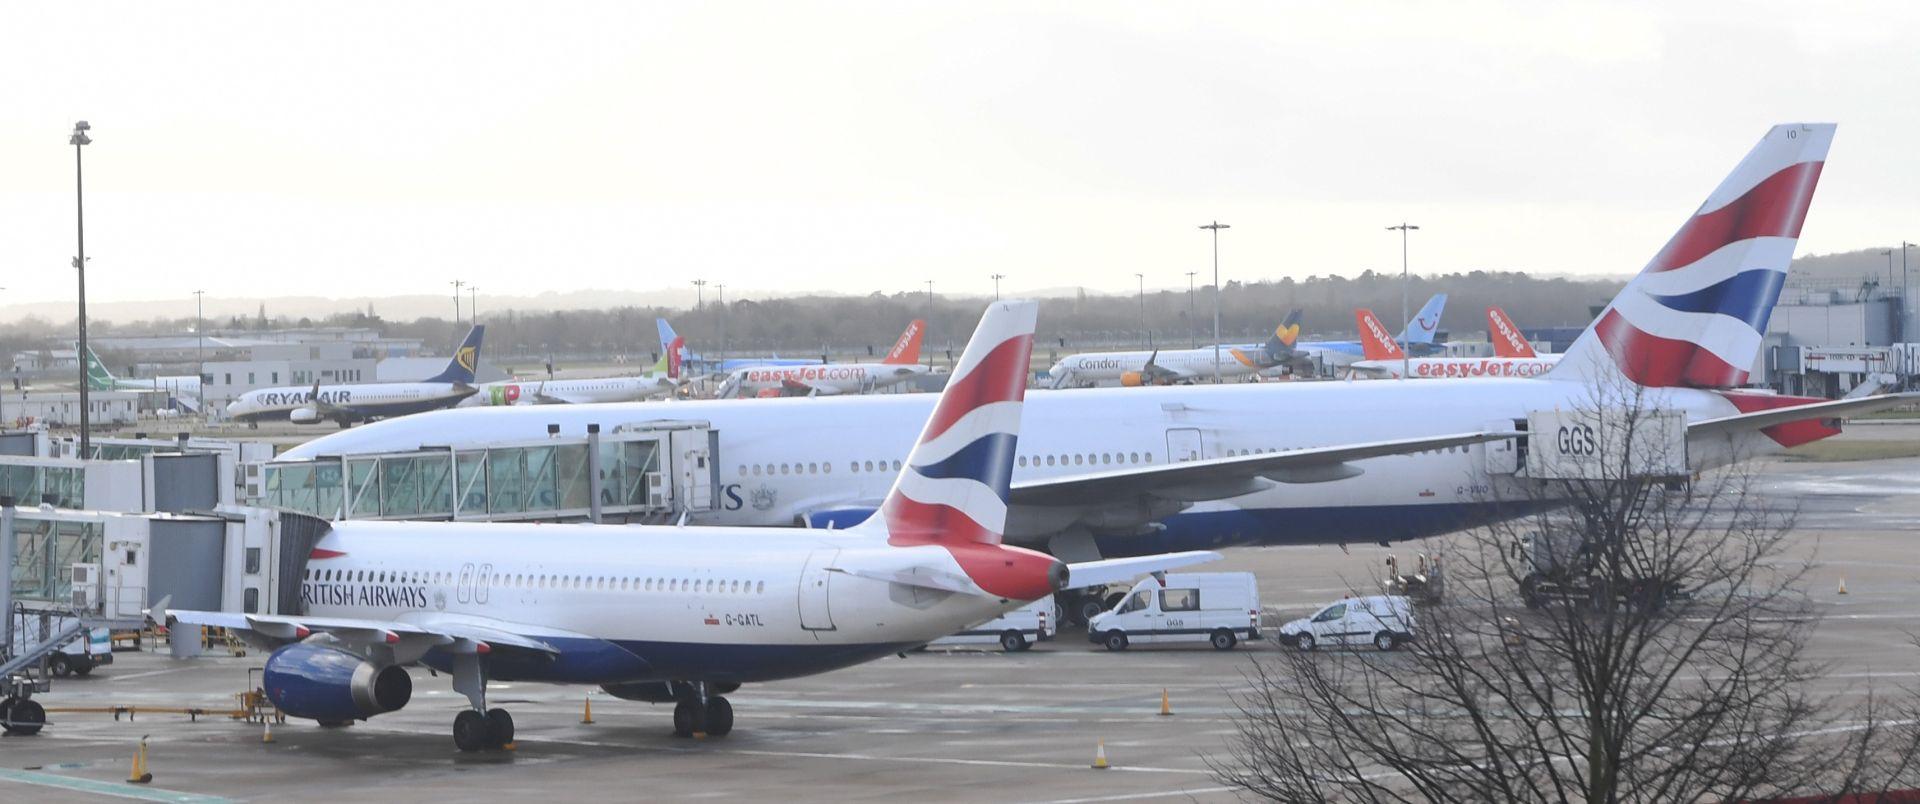 Aerodrom Gatwick u Londonu ponovno otvoren nakon sabotaže dronovima